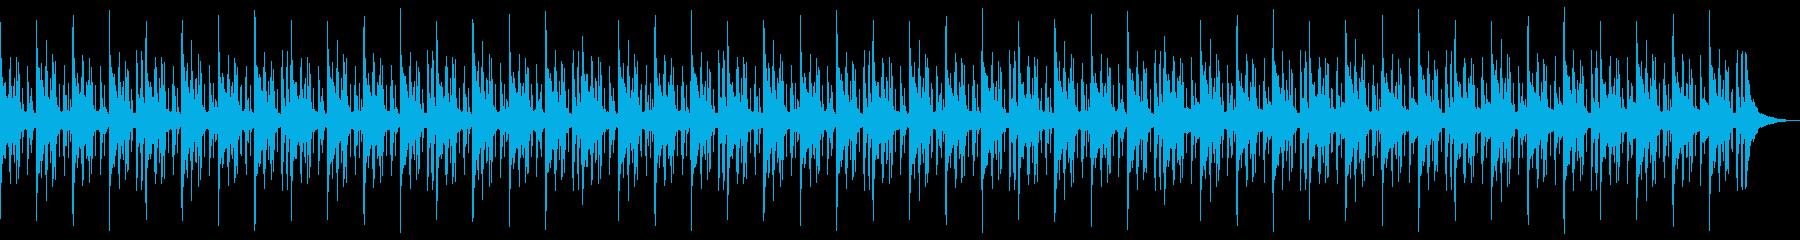 切ないエンディングローファイヒップホップの再生済みの波形